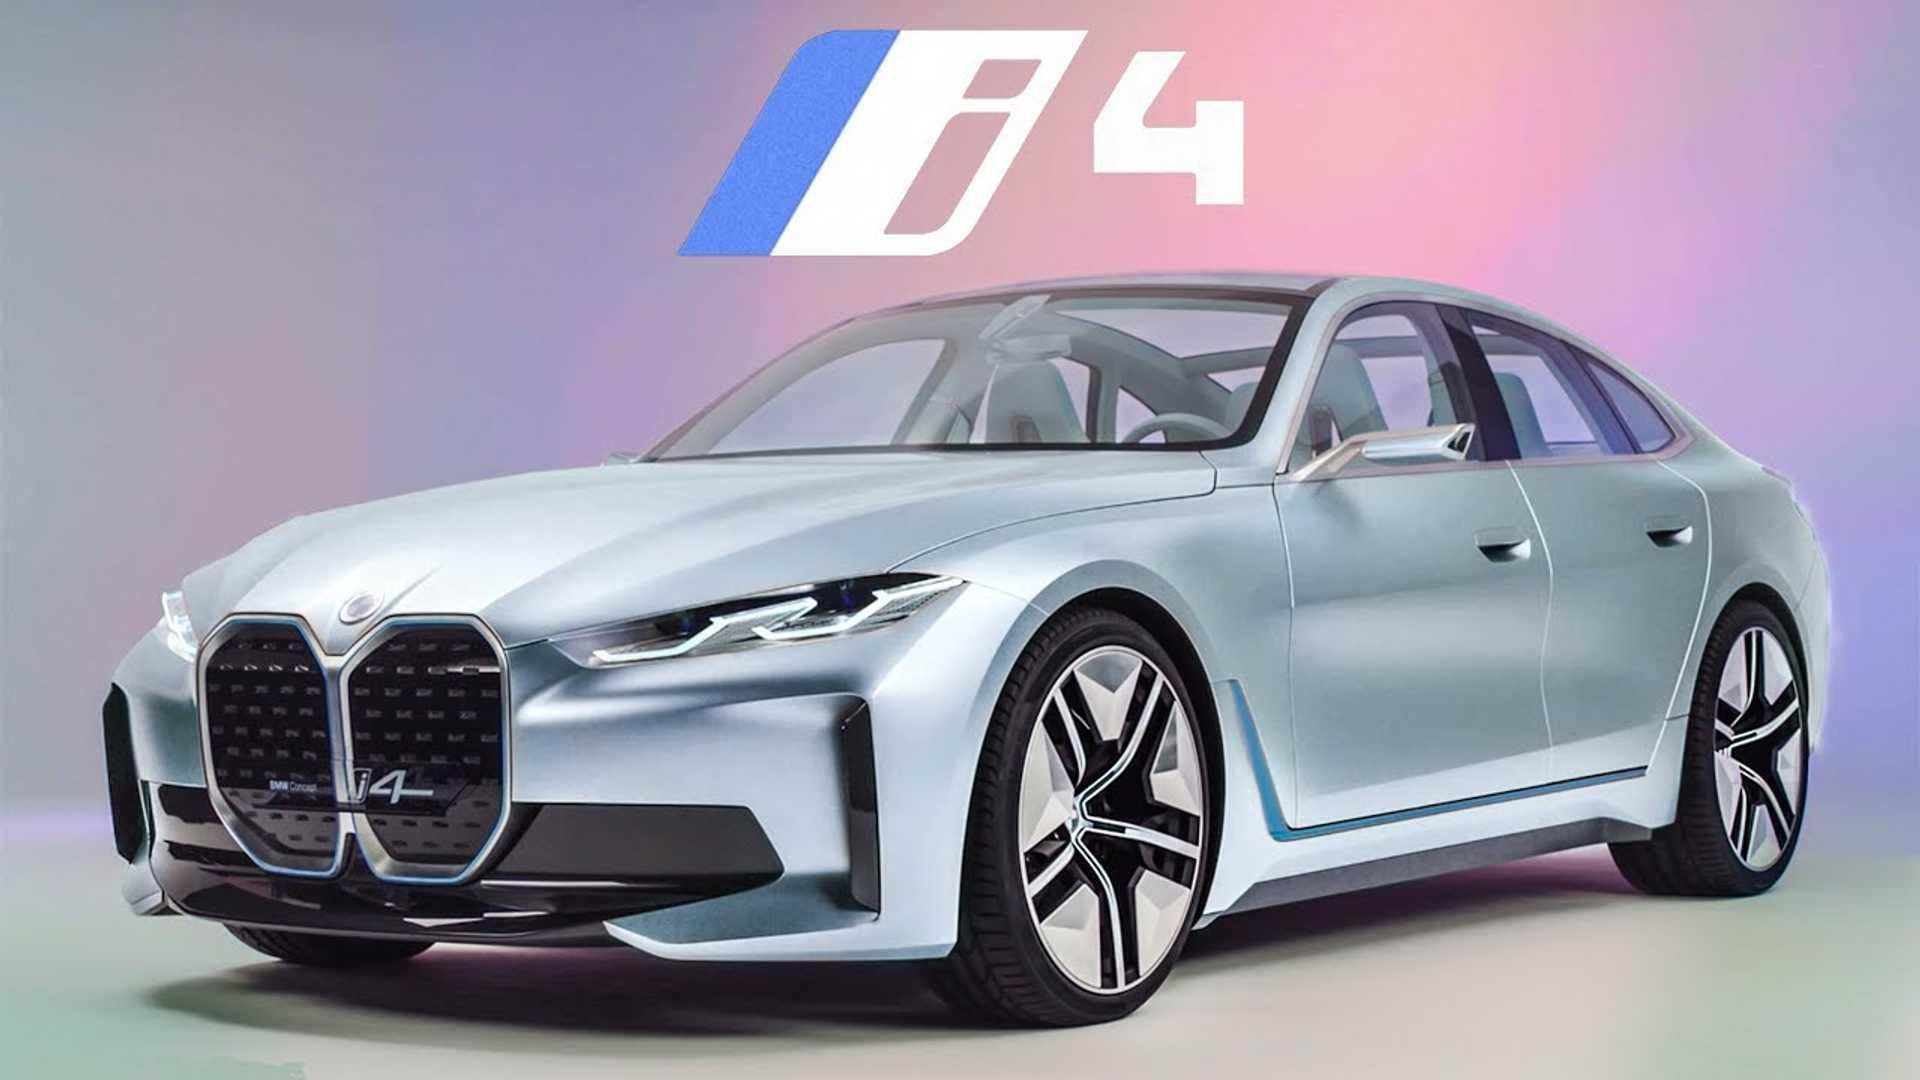 Видео спрашивает, превзойдет ли BMW i4 конкурентов от Tesla и других